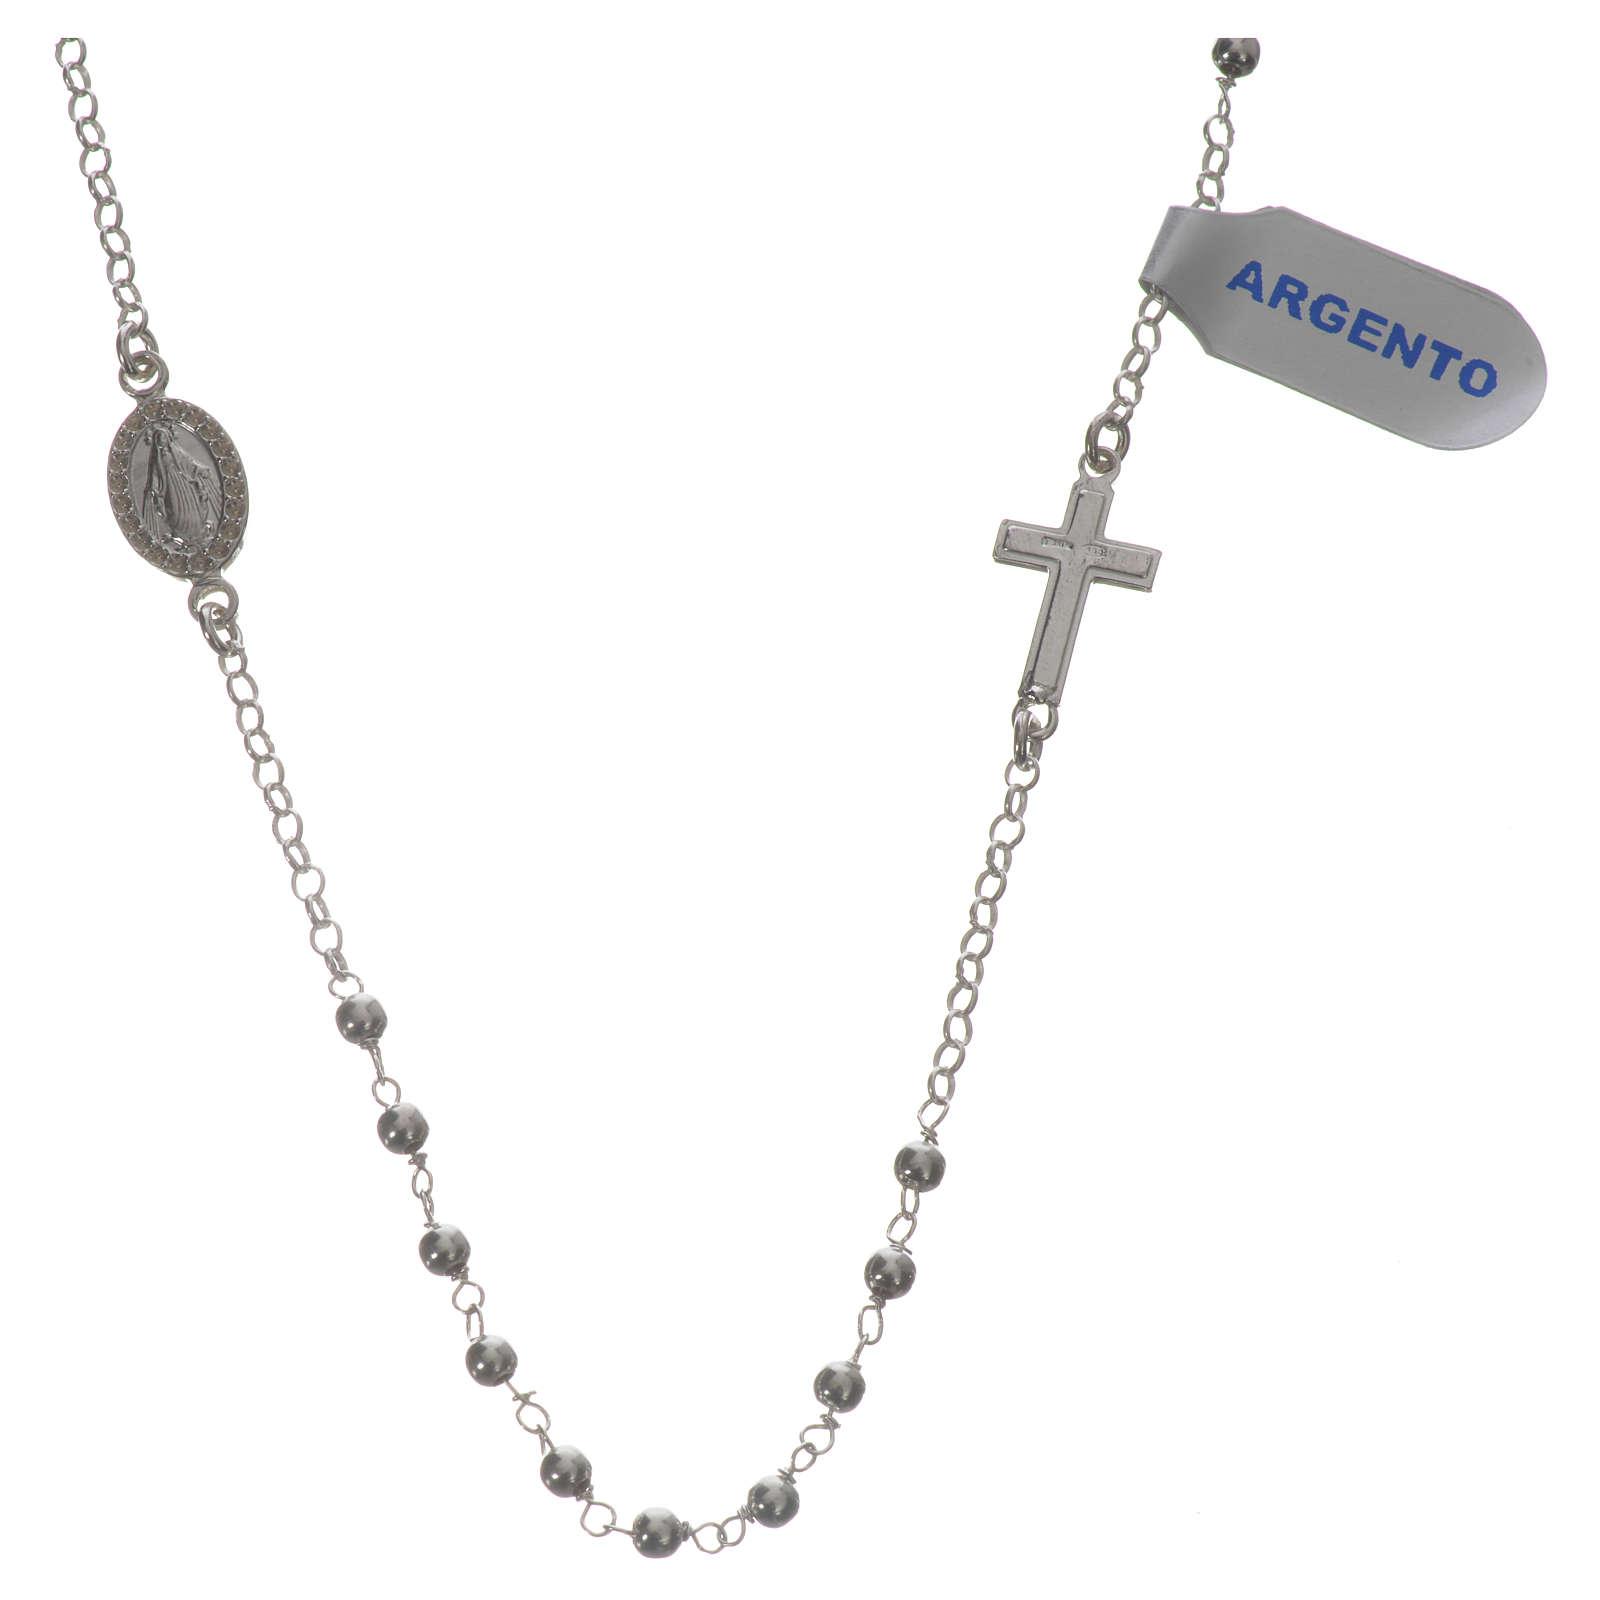 Collar Plata 925 Medalla Milagrosa 3 mm 4